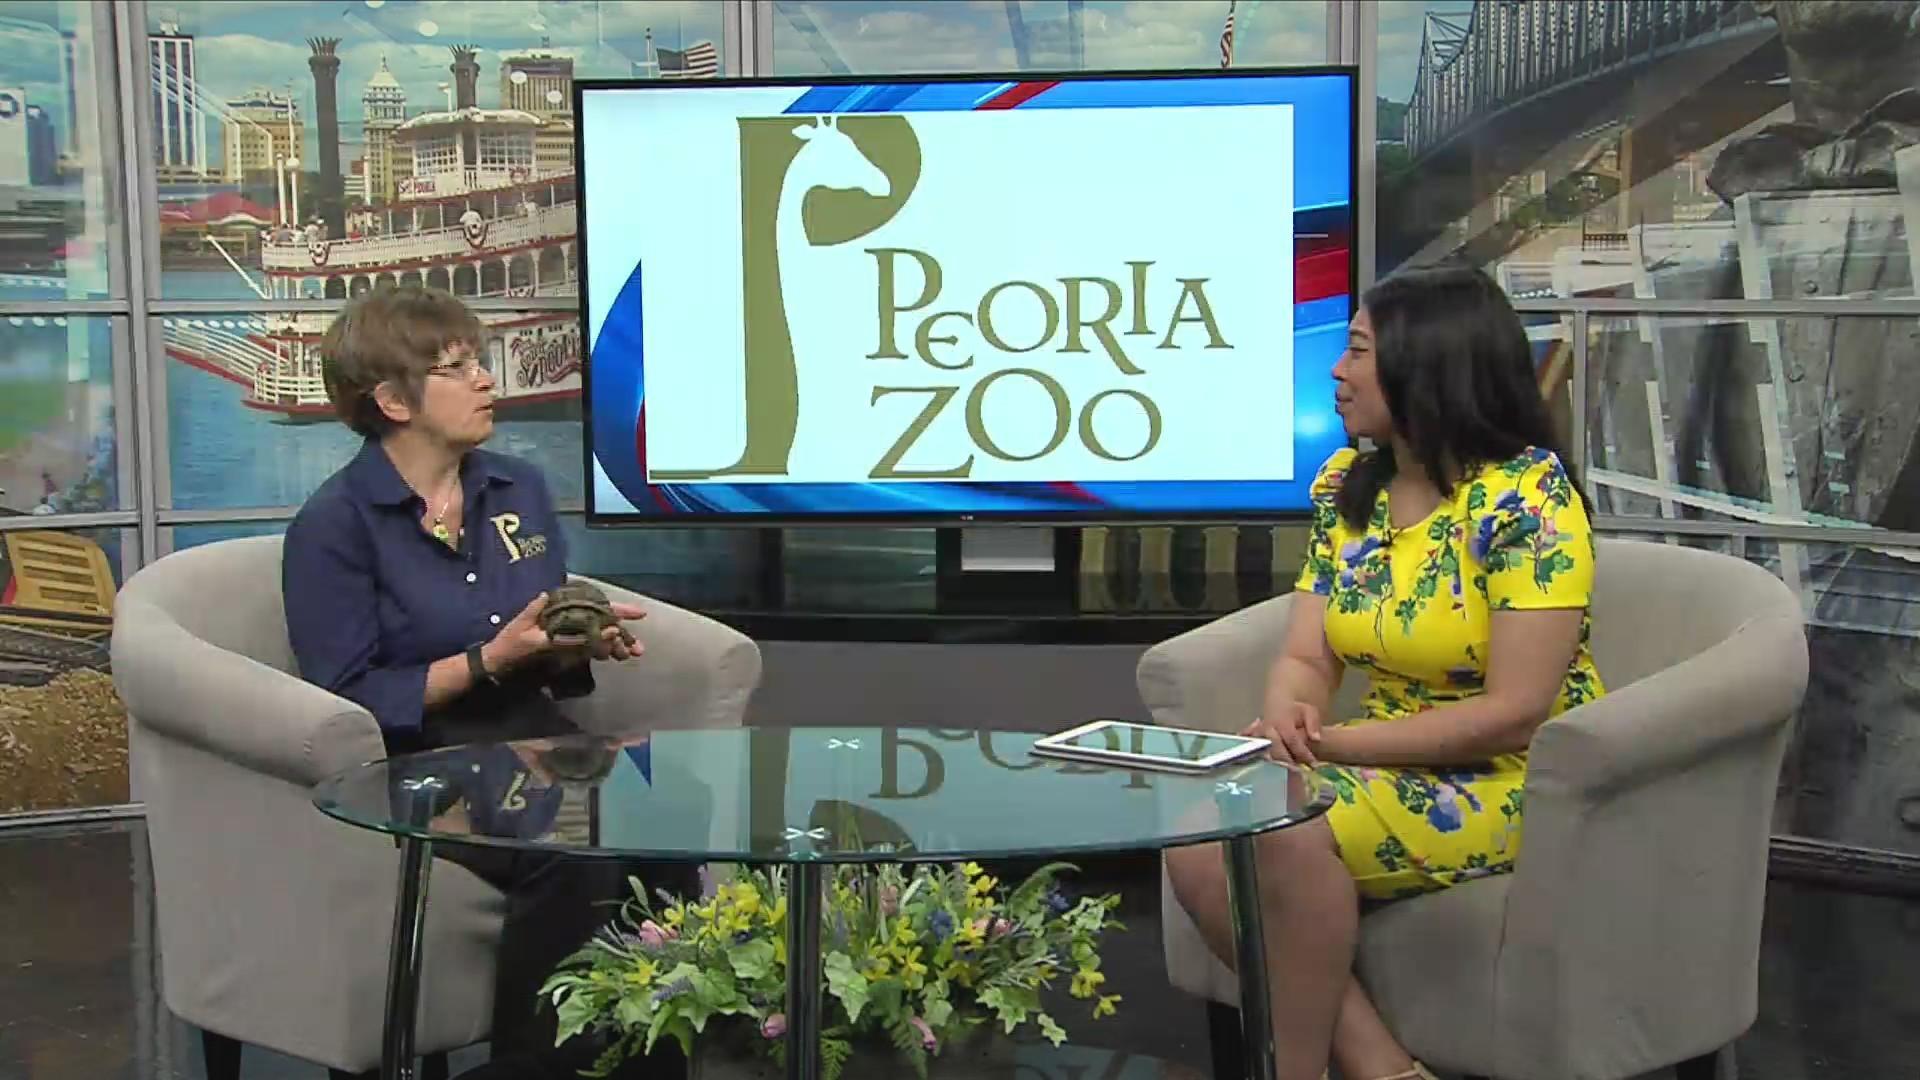 peoria zoo zoofest